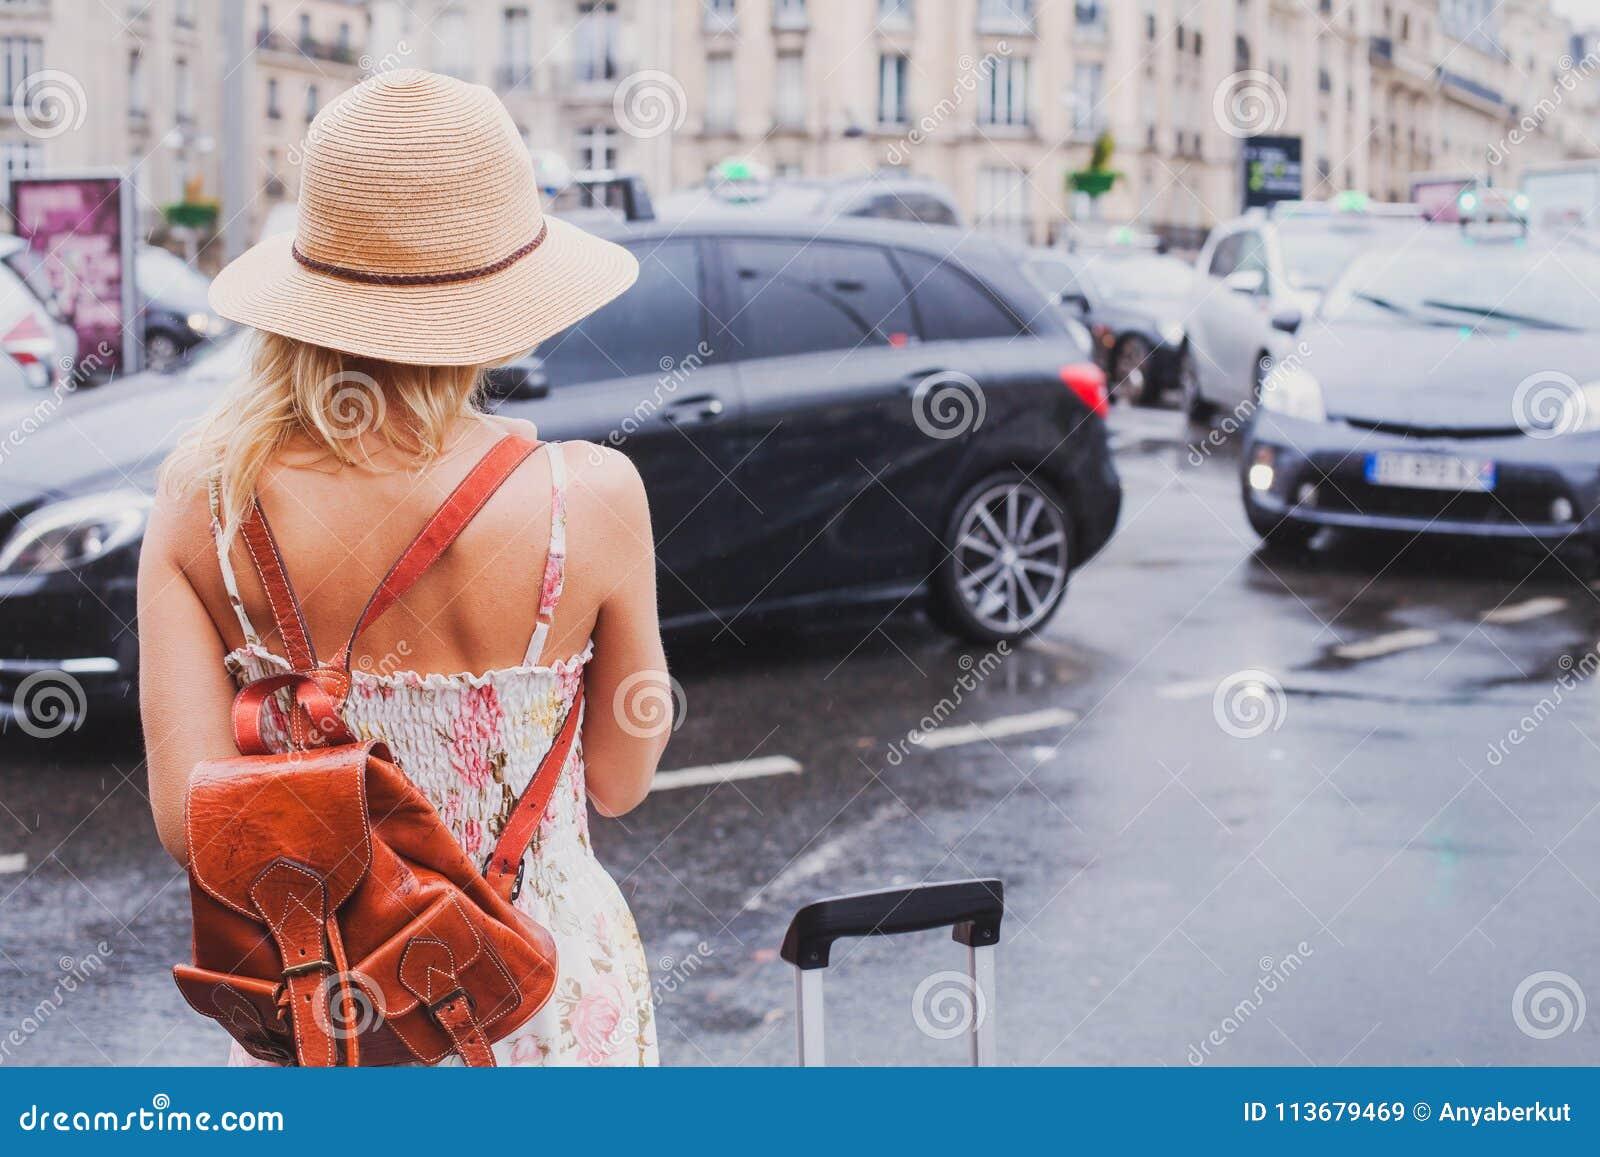 妇女等待的出租汽车,旅游通勤者